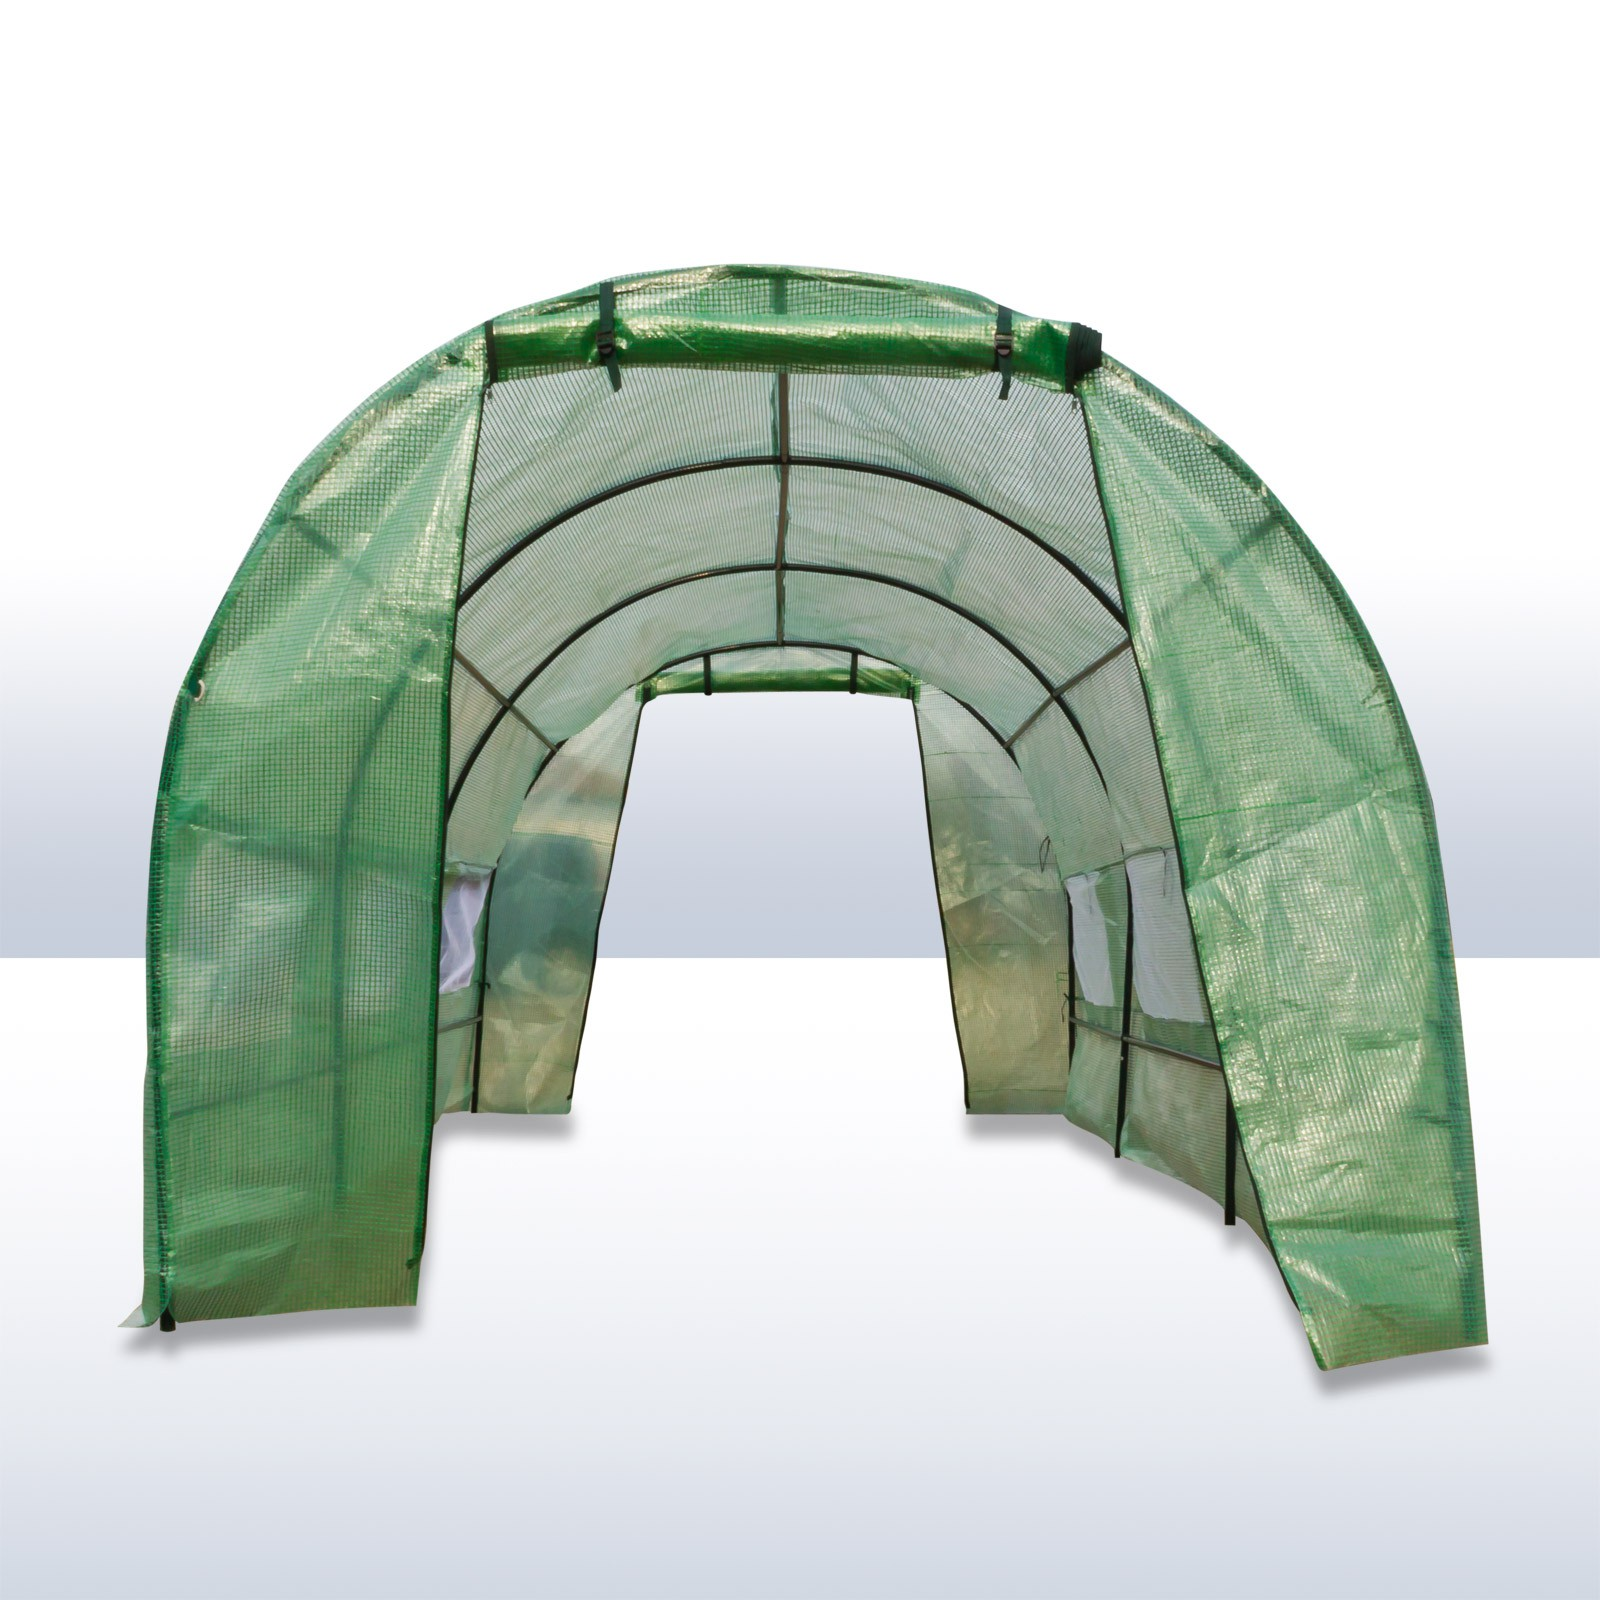 dema folien gew chshaus tunnel treibhaus 9 m 18 m ebay. Black Bedroom Furniture Sets. Home Design Ideas